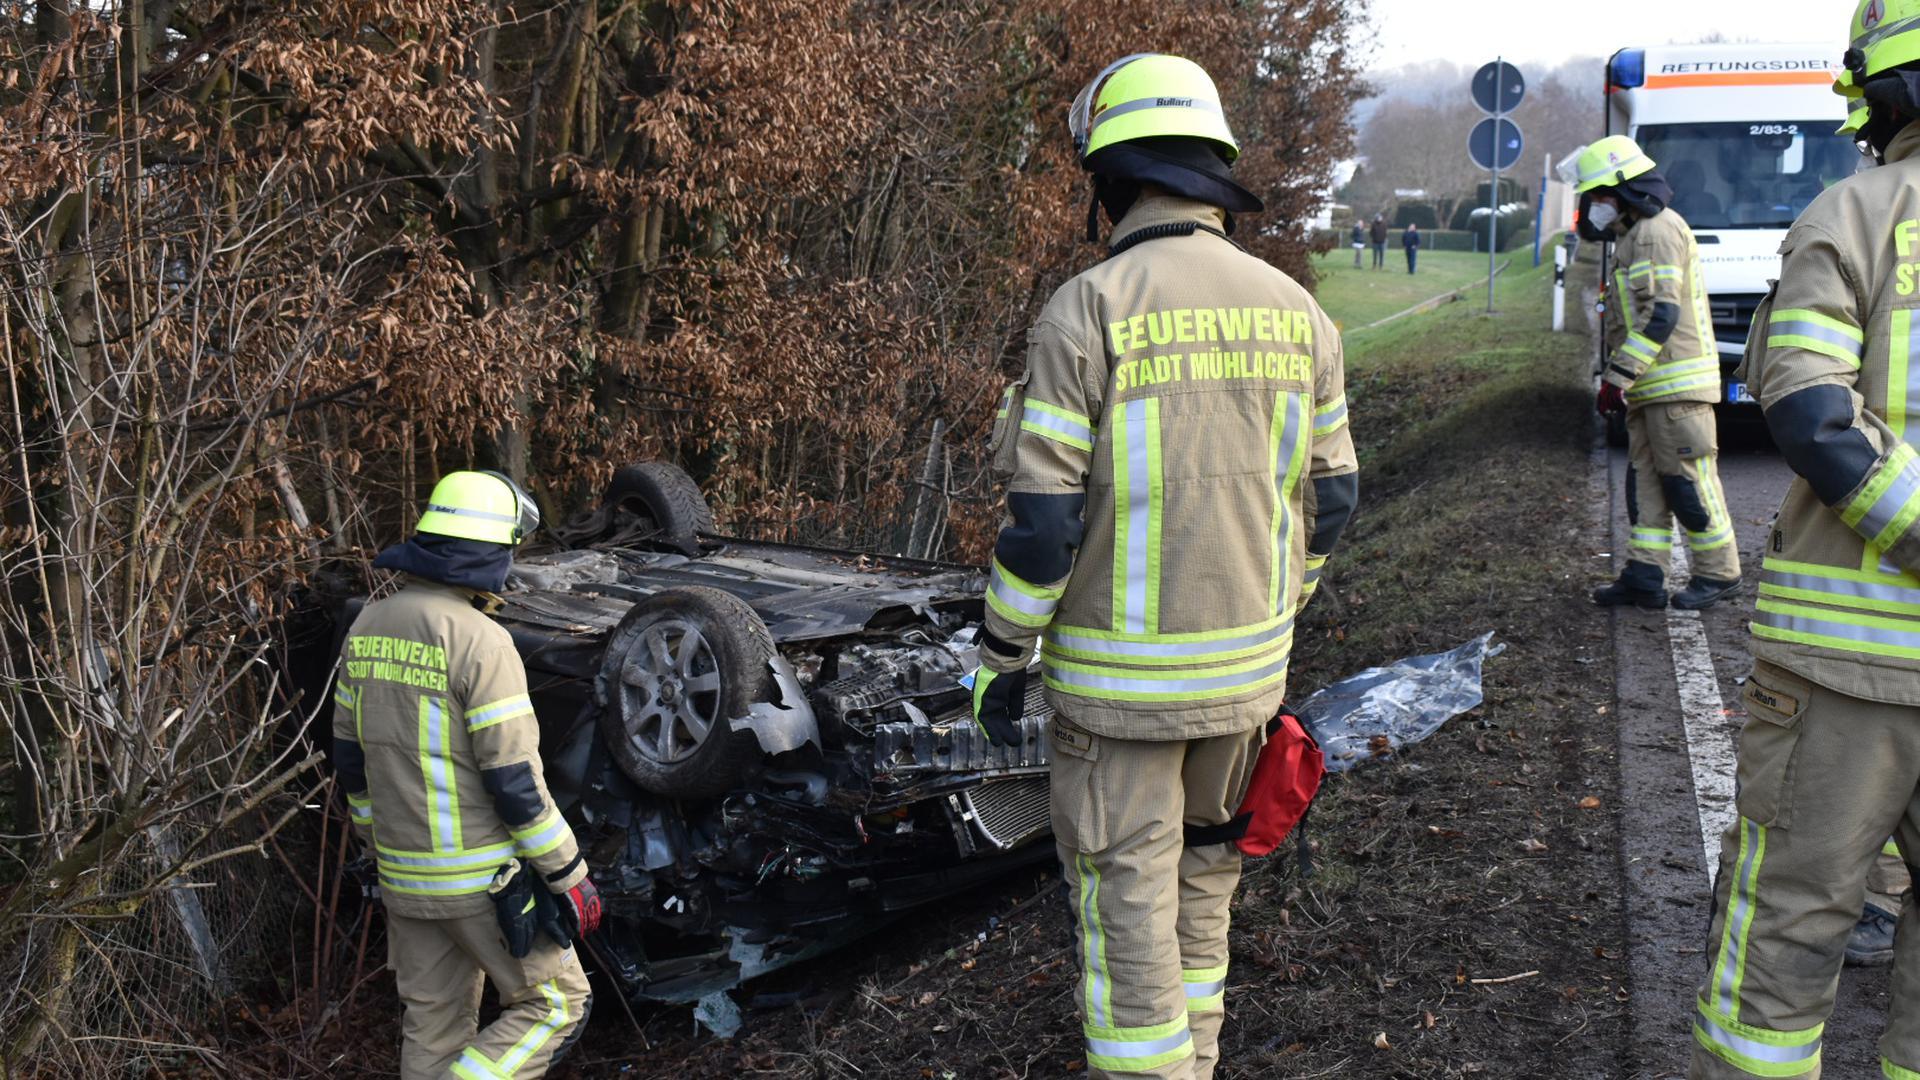 Einsatzkräfte der Feuerwehr untersuchen ein stark beschädigtes Autos neben der B10.